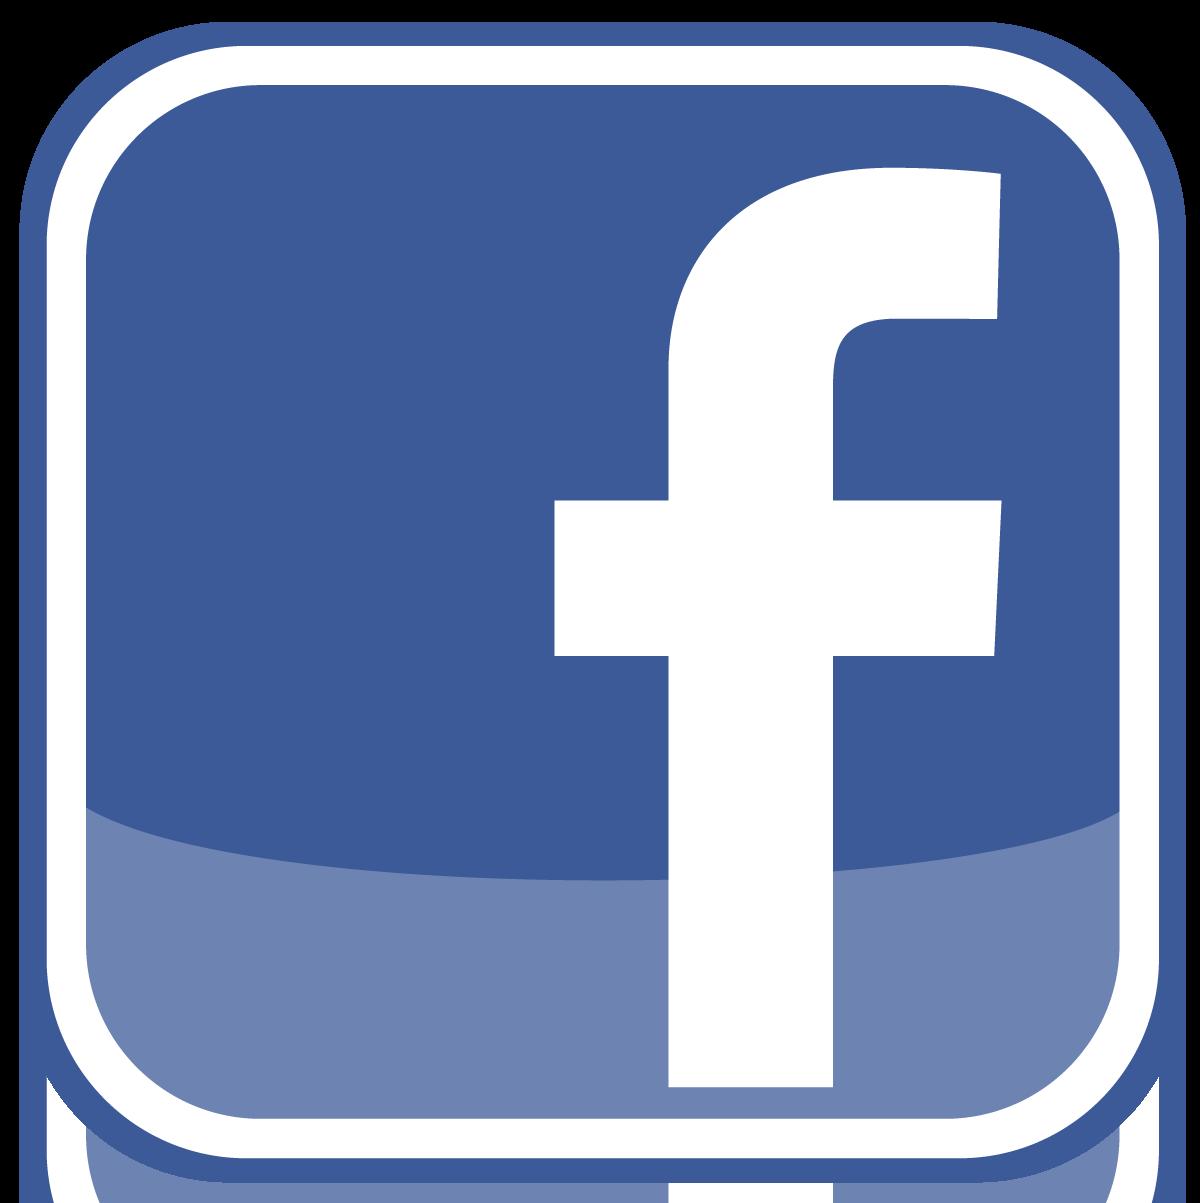 Prime Fit Elite Facebook